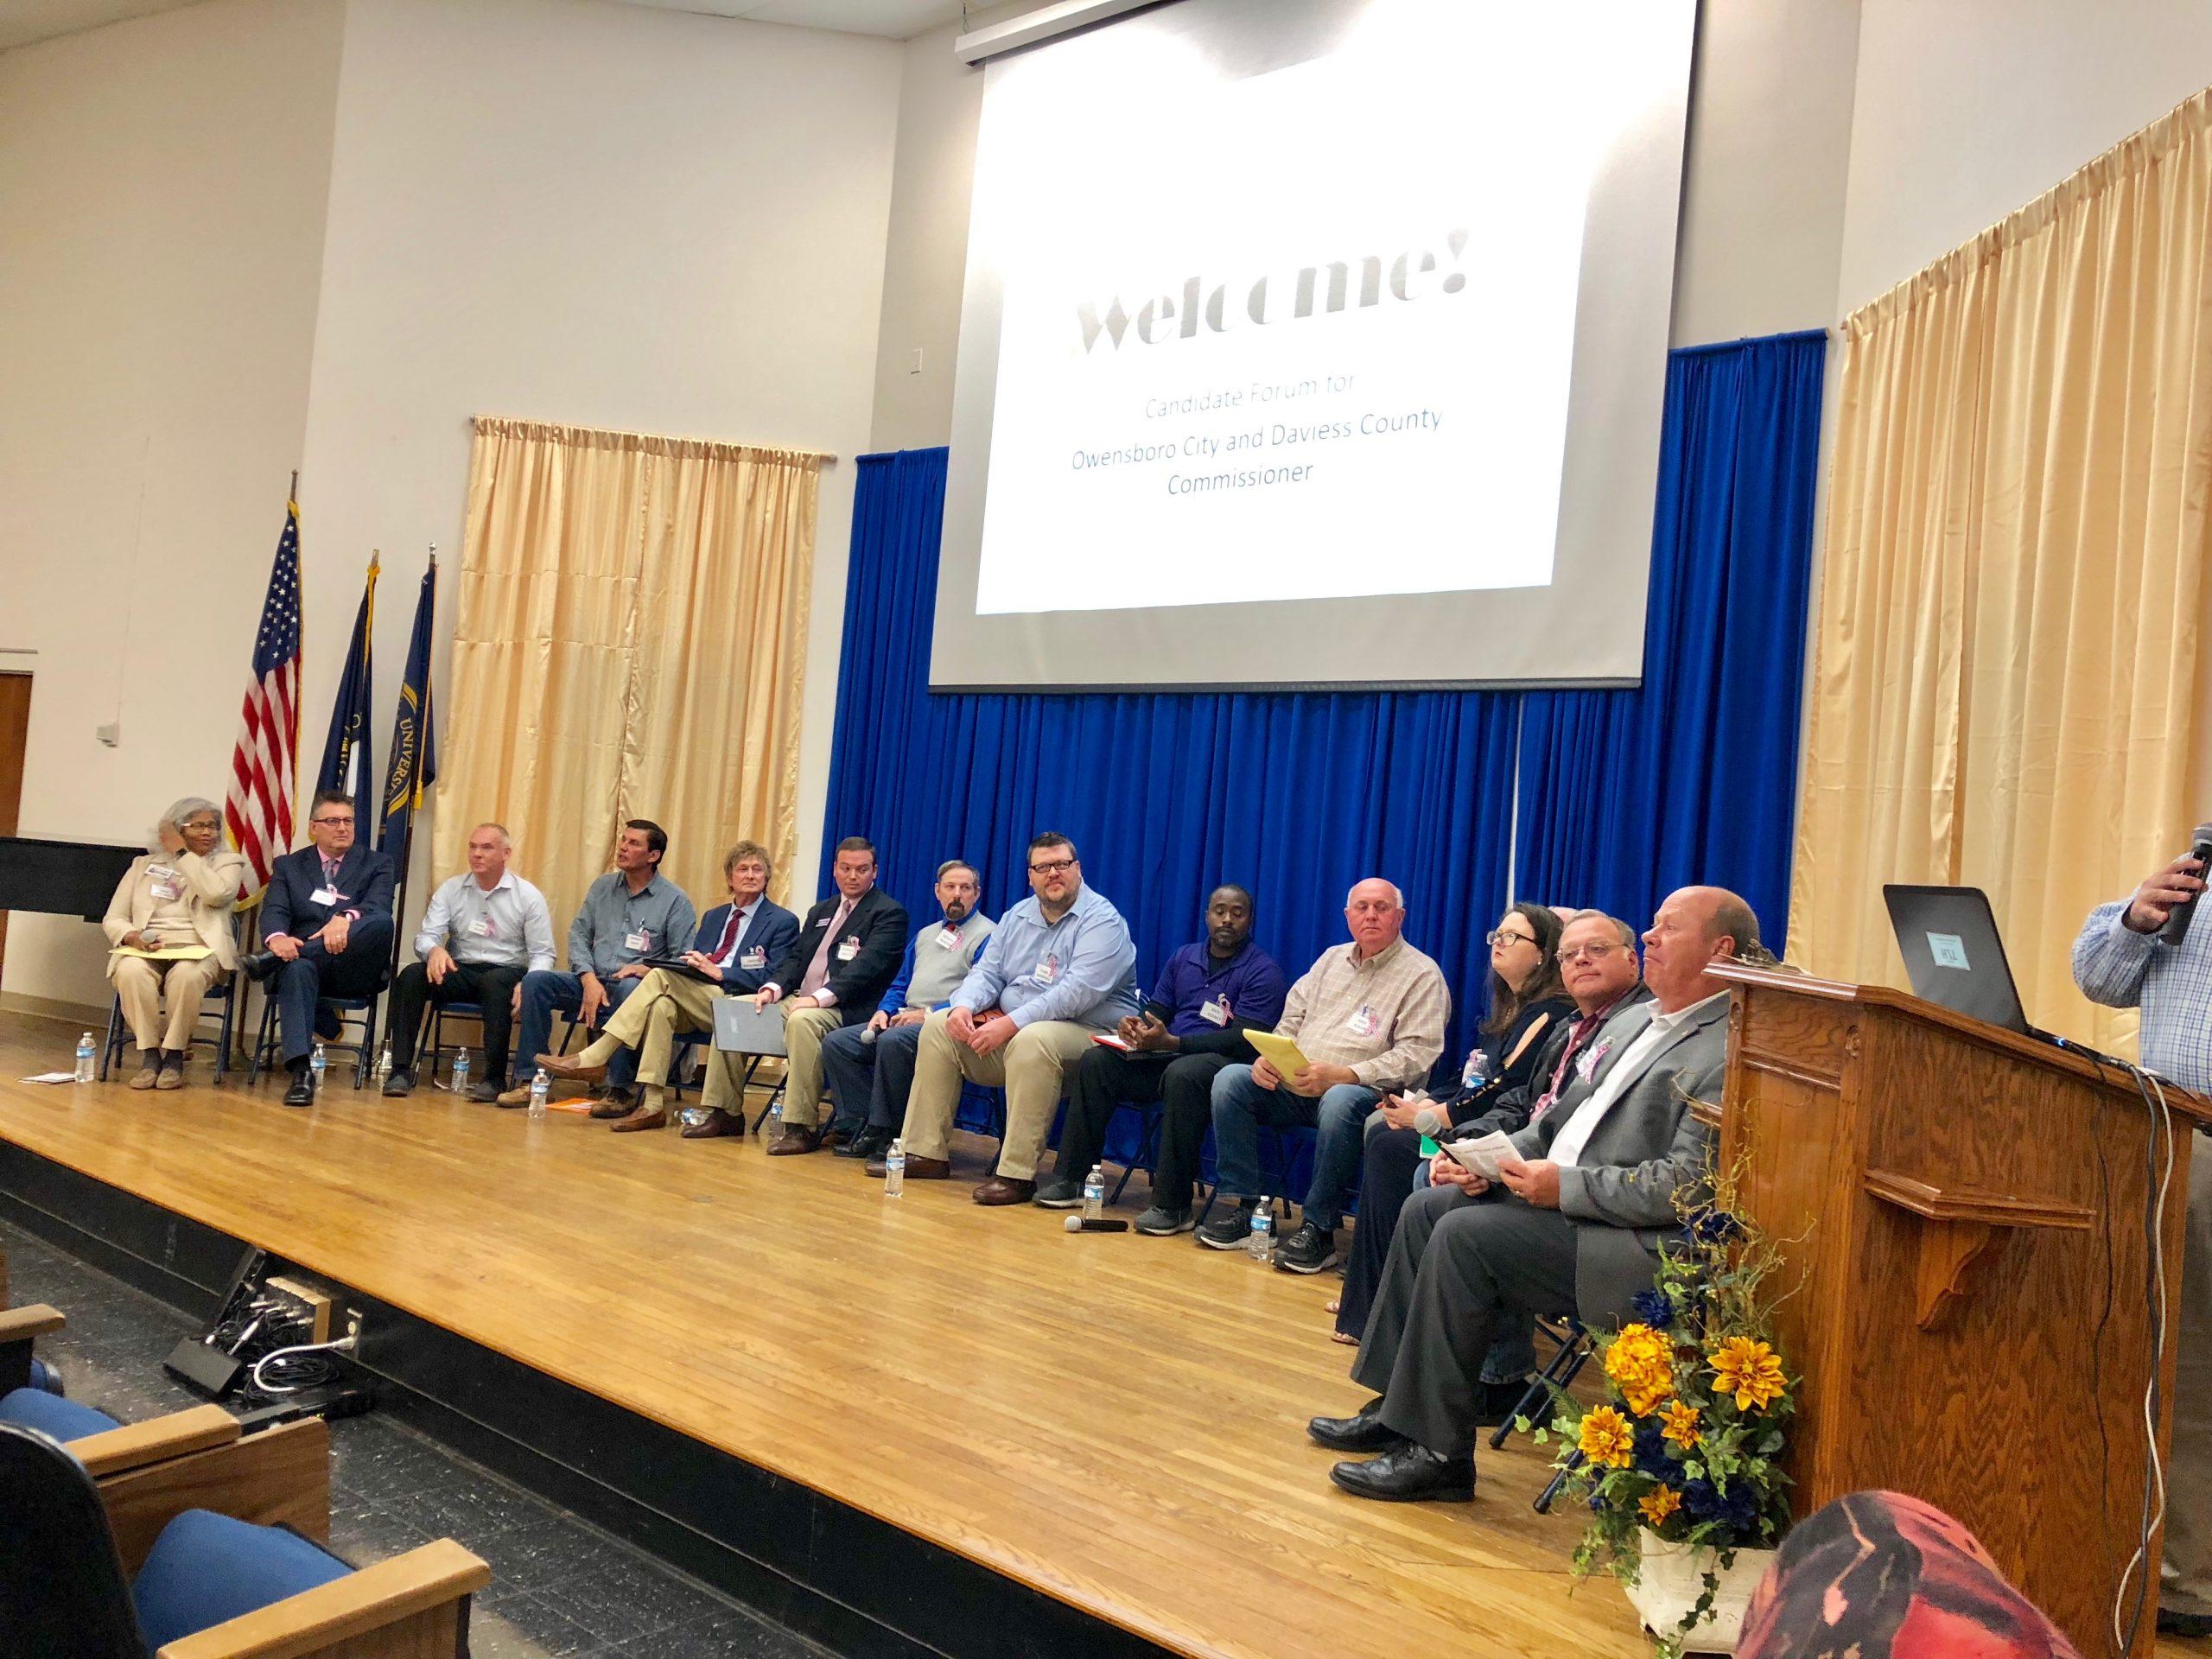 City/County Commissioner Forum At Brescia Last Night